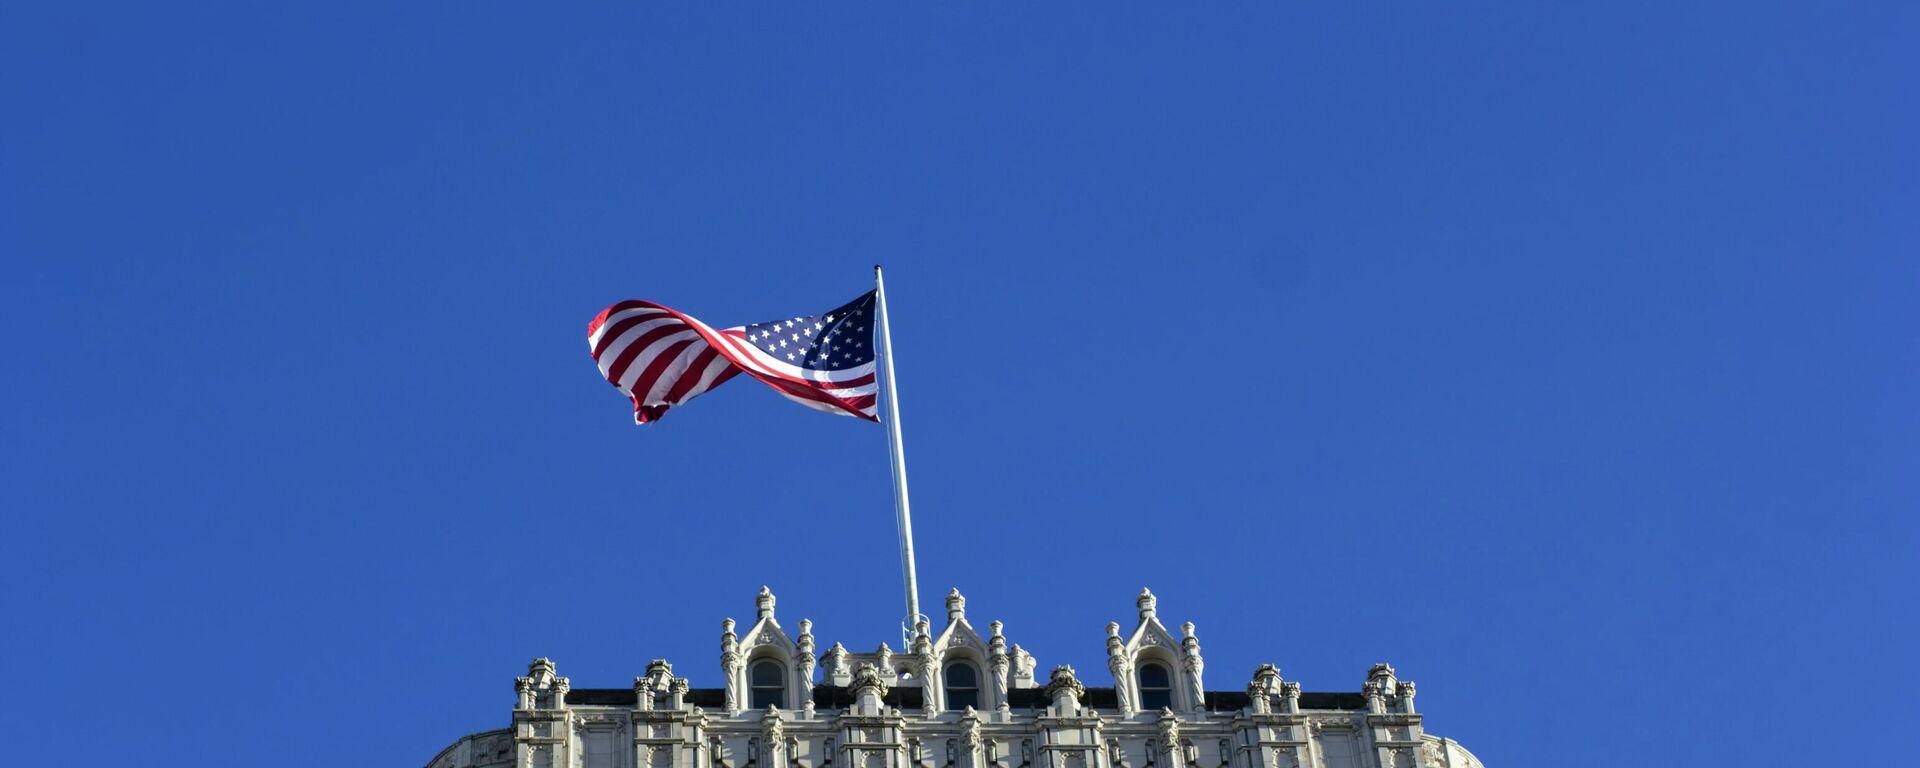 La bandera de EEUU (imagen referencial) - Sputnik Mundo, 1920, 01.07.2021